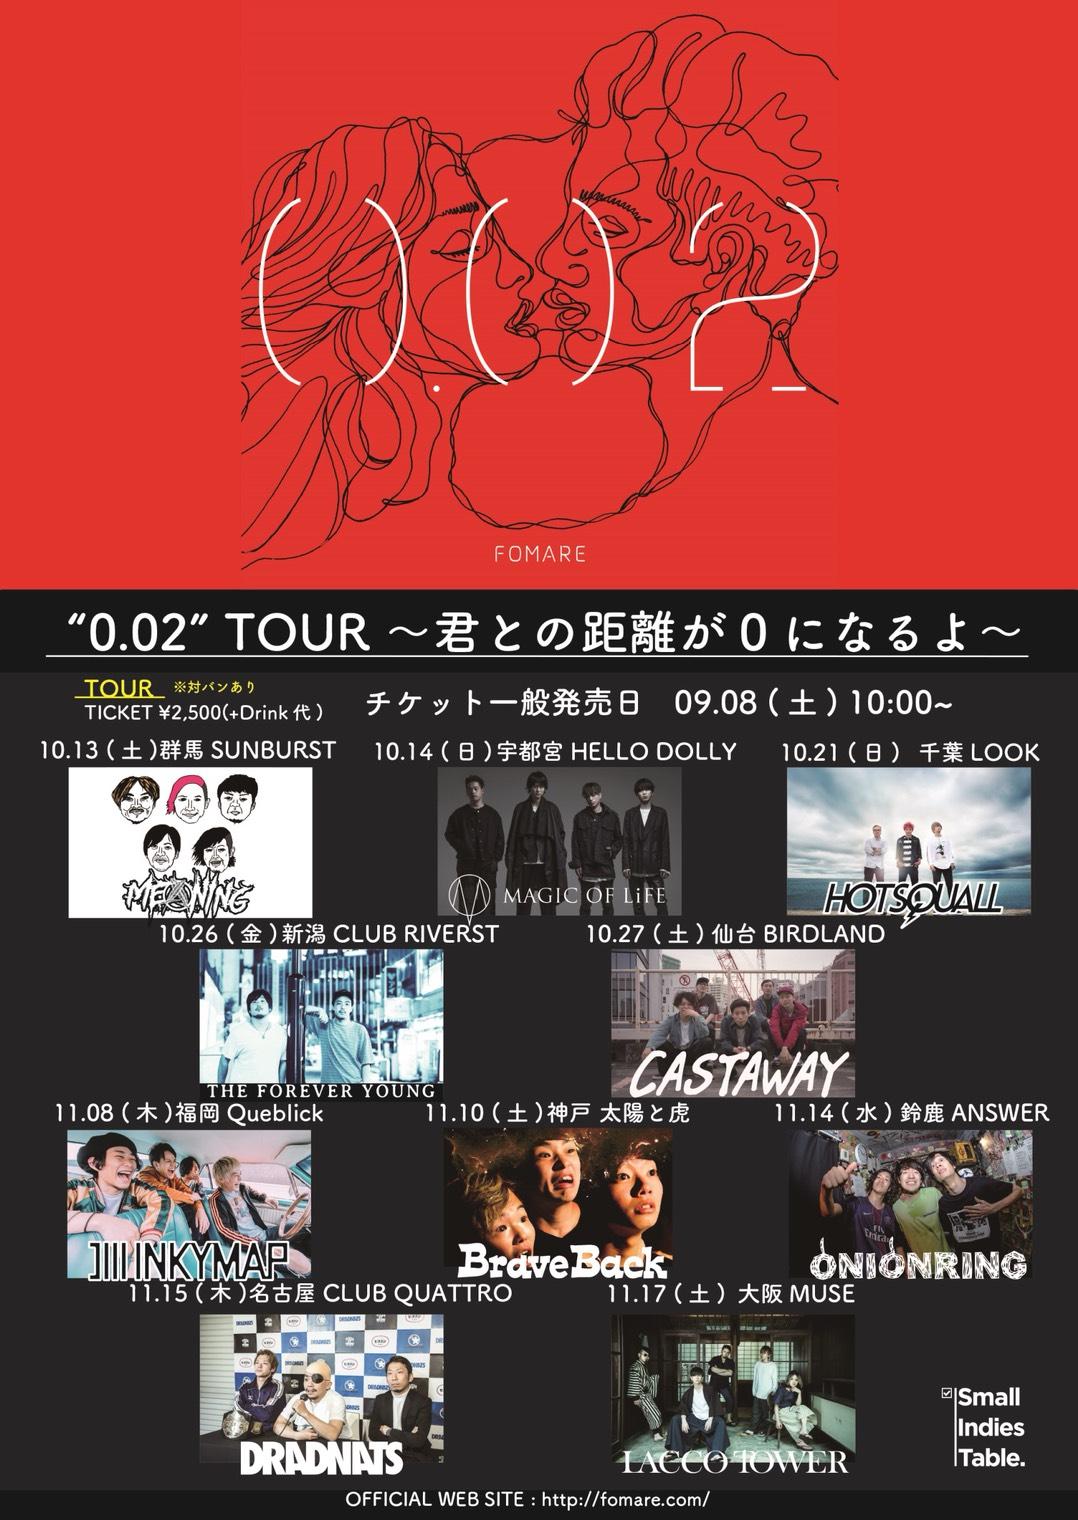 FOMARE 0.02 tour